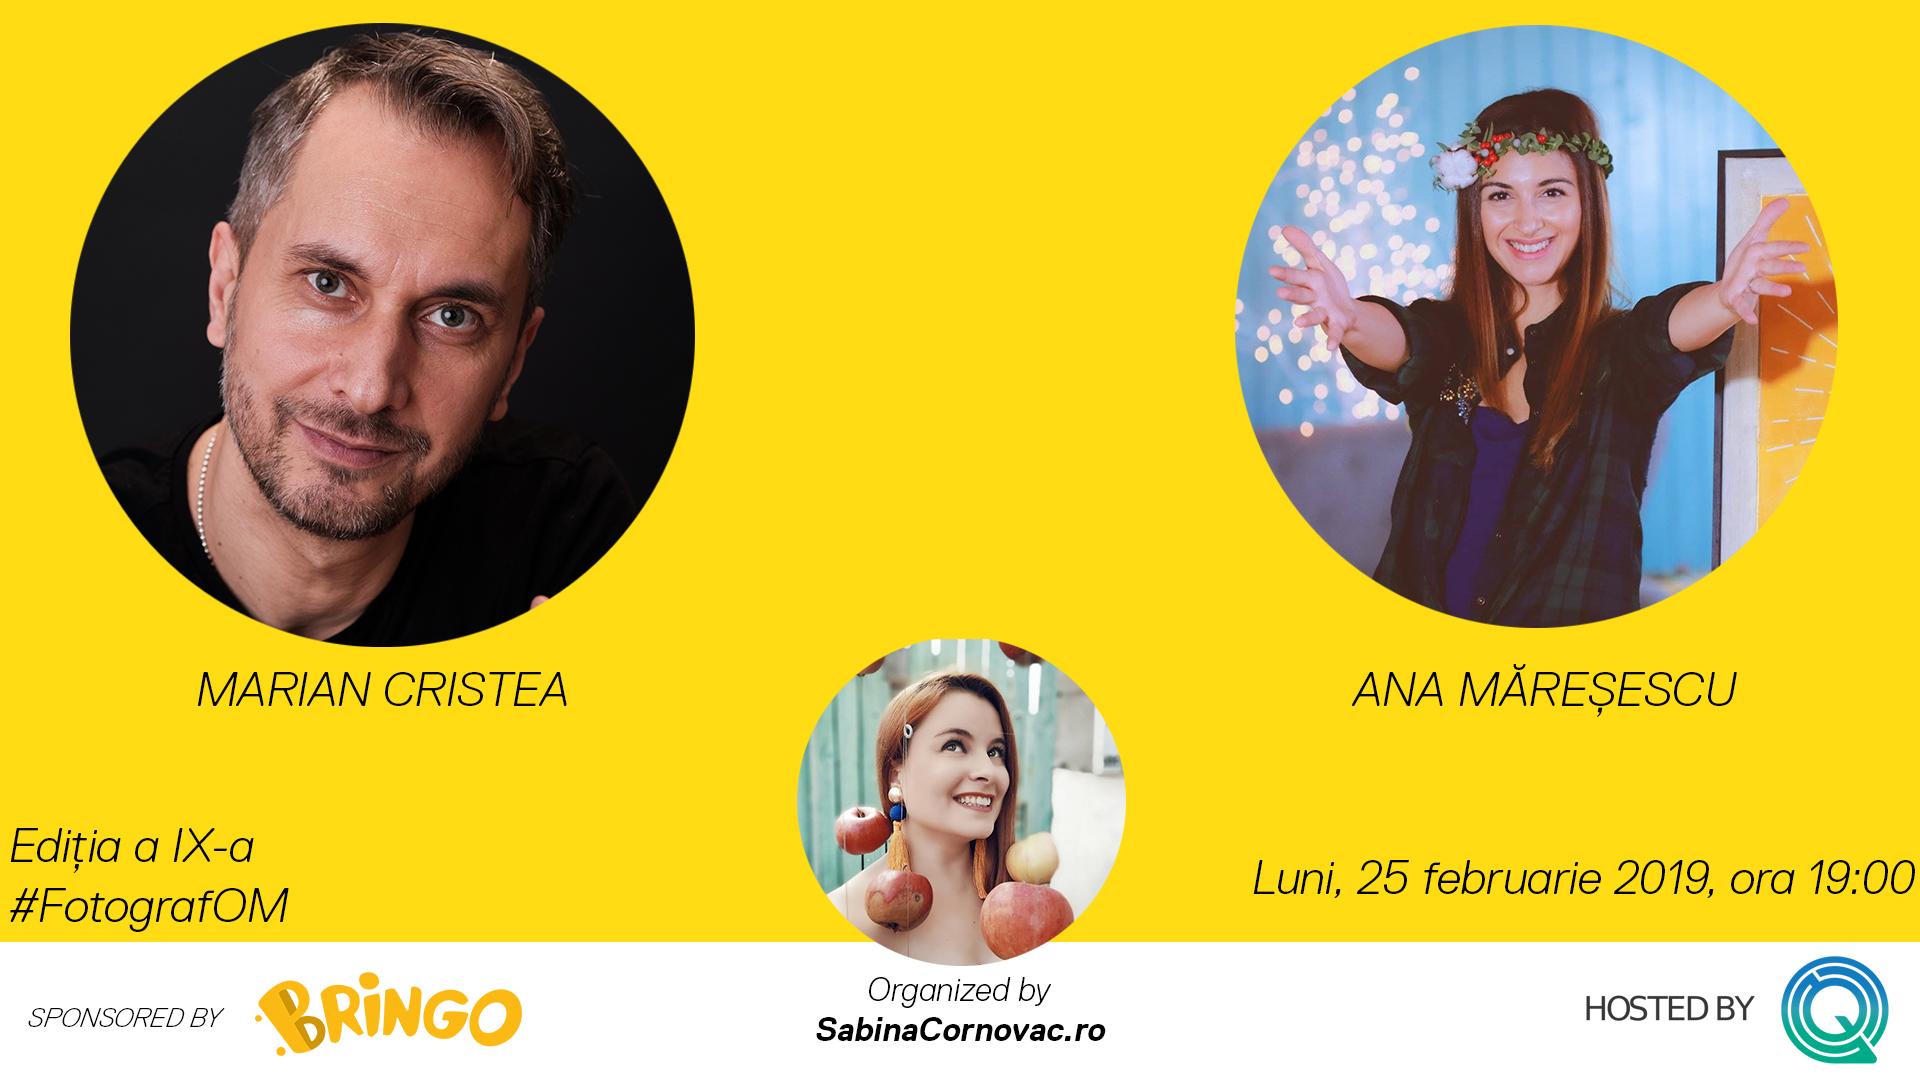 Hai la #FotografOM cu Ana Măreșescu și Marian Cristea